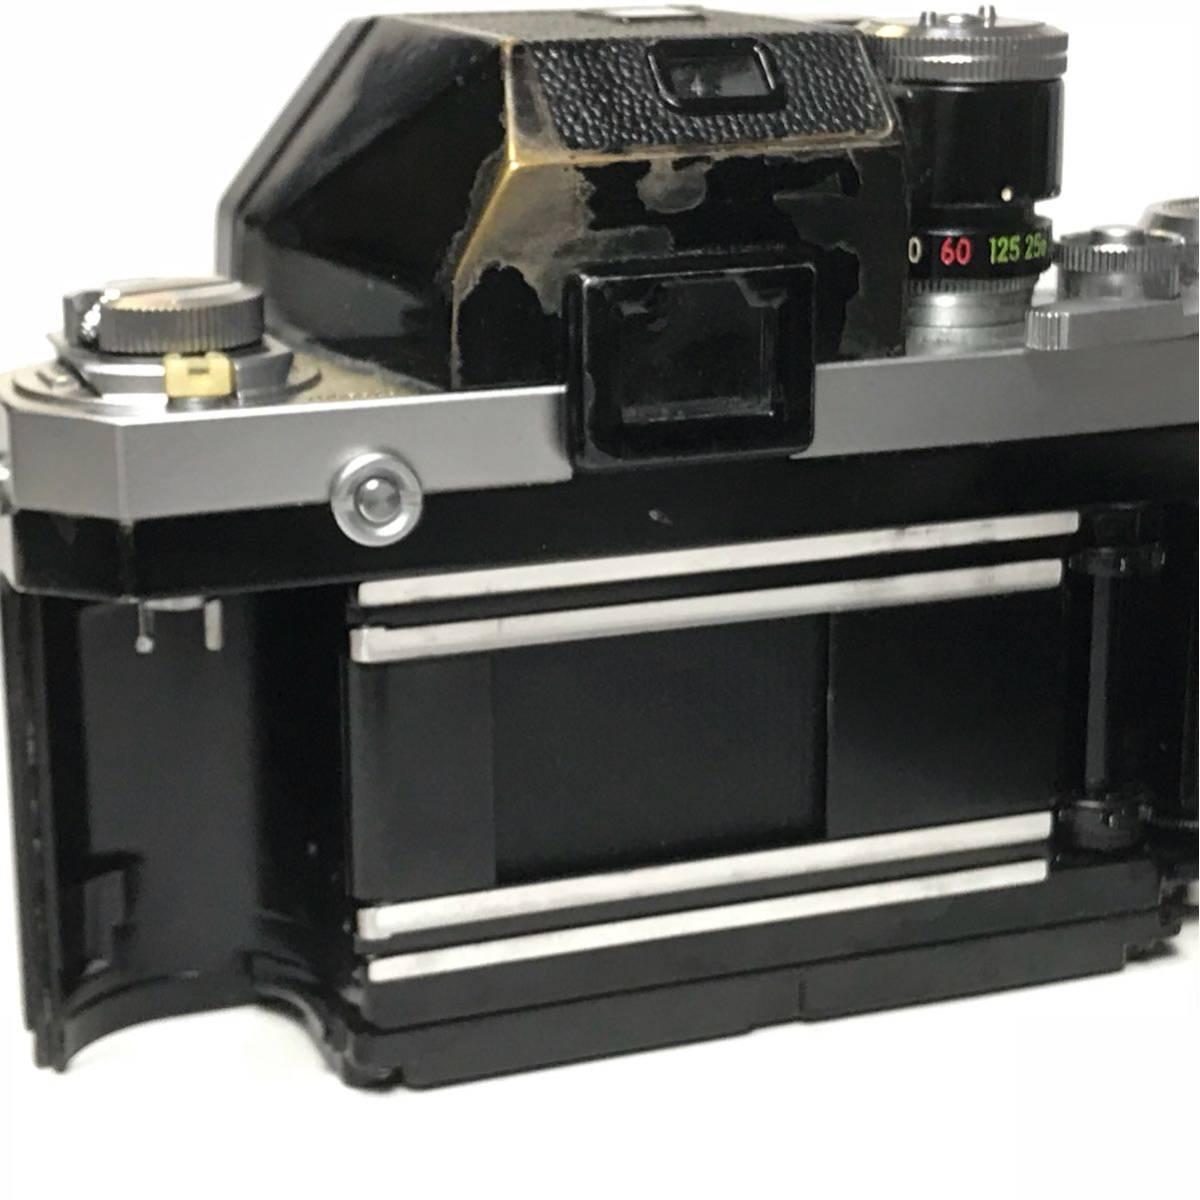 Nikon F Photomic FTN /ニコン F 外部測光式フォトミックファインダー SLR FILM CAMERA with/Nikkor 1.4 50㎜【c/n7065523】_画像9